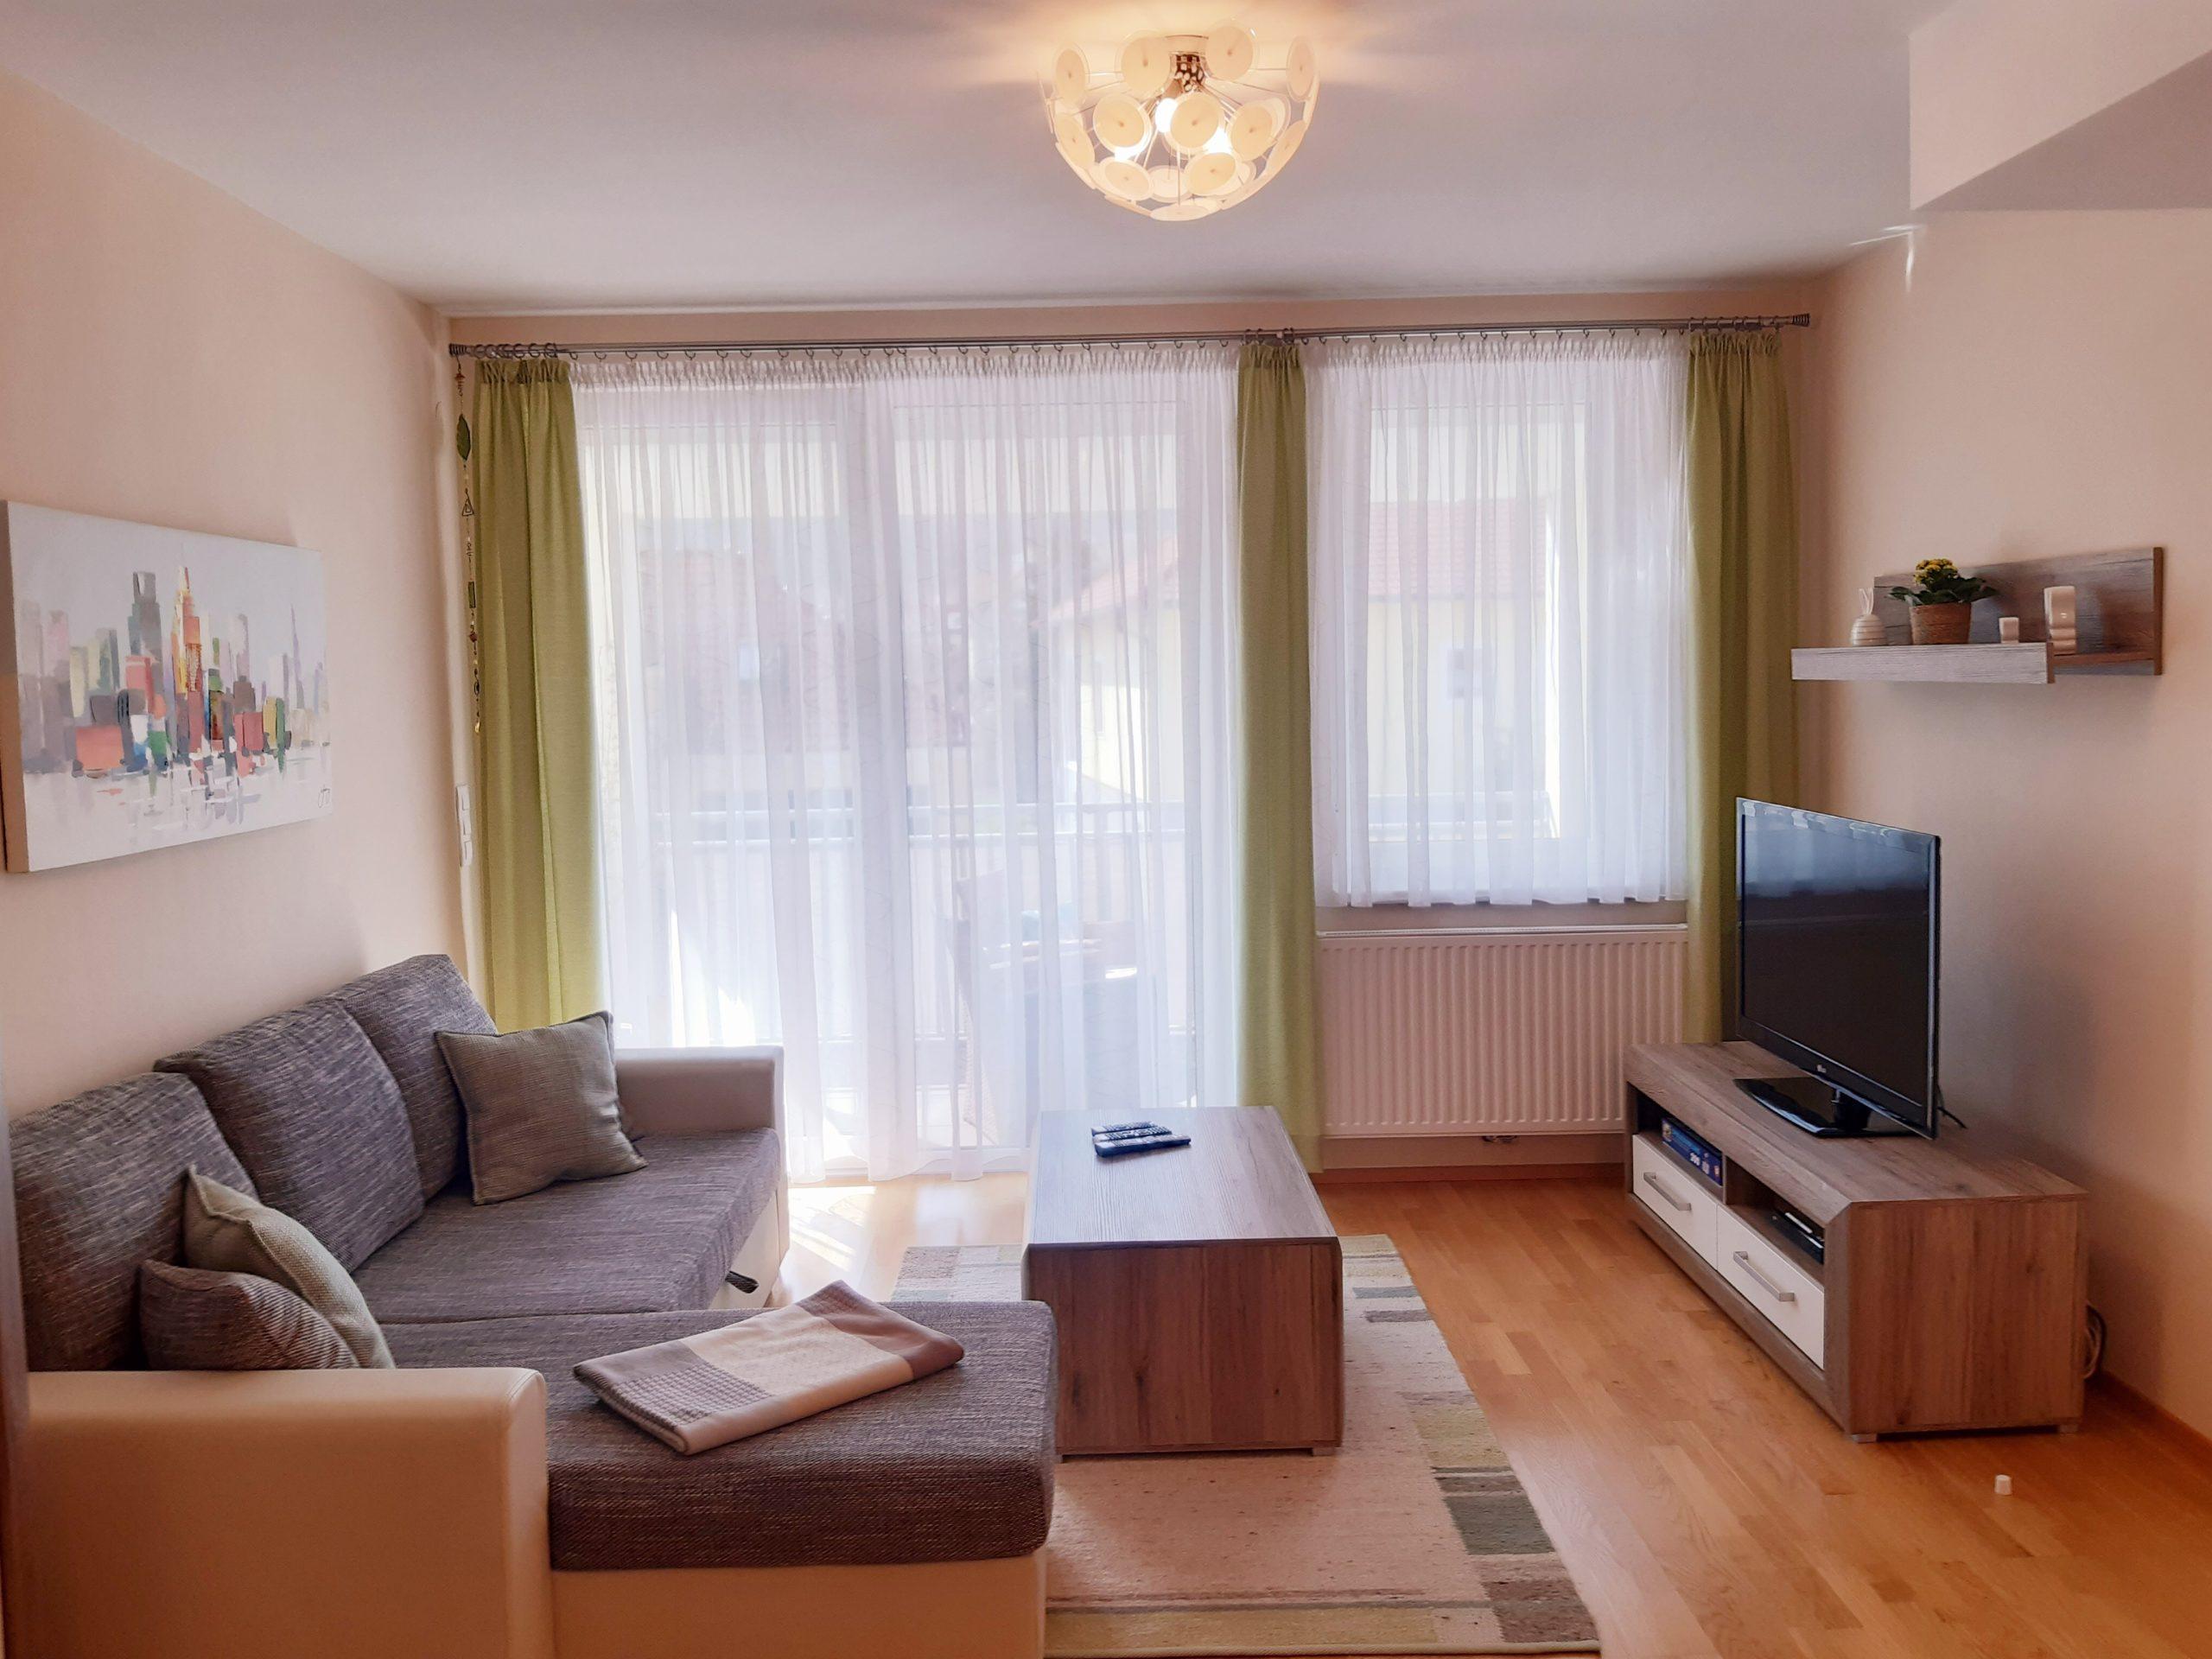 Immobilie von Kamptal in 3701 Großweikersdorf, Tulln, Großweikersdorf I/2 - Top 7 #1